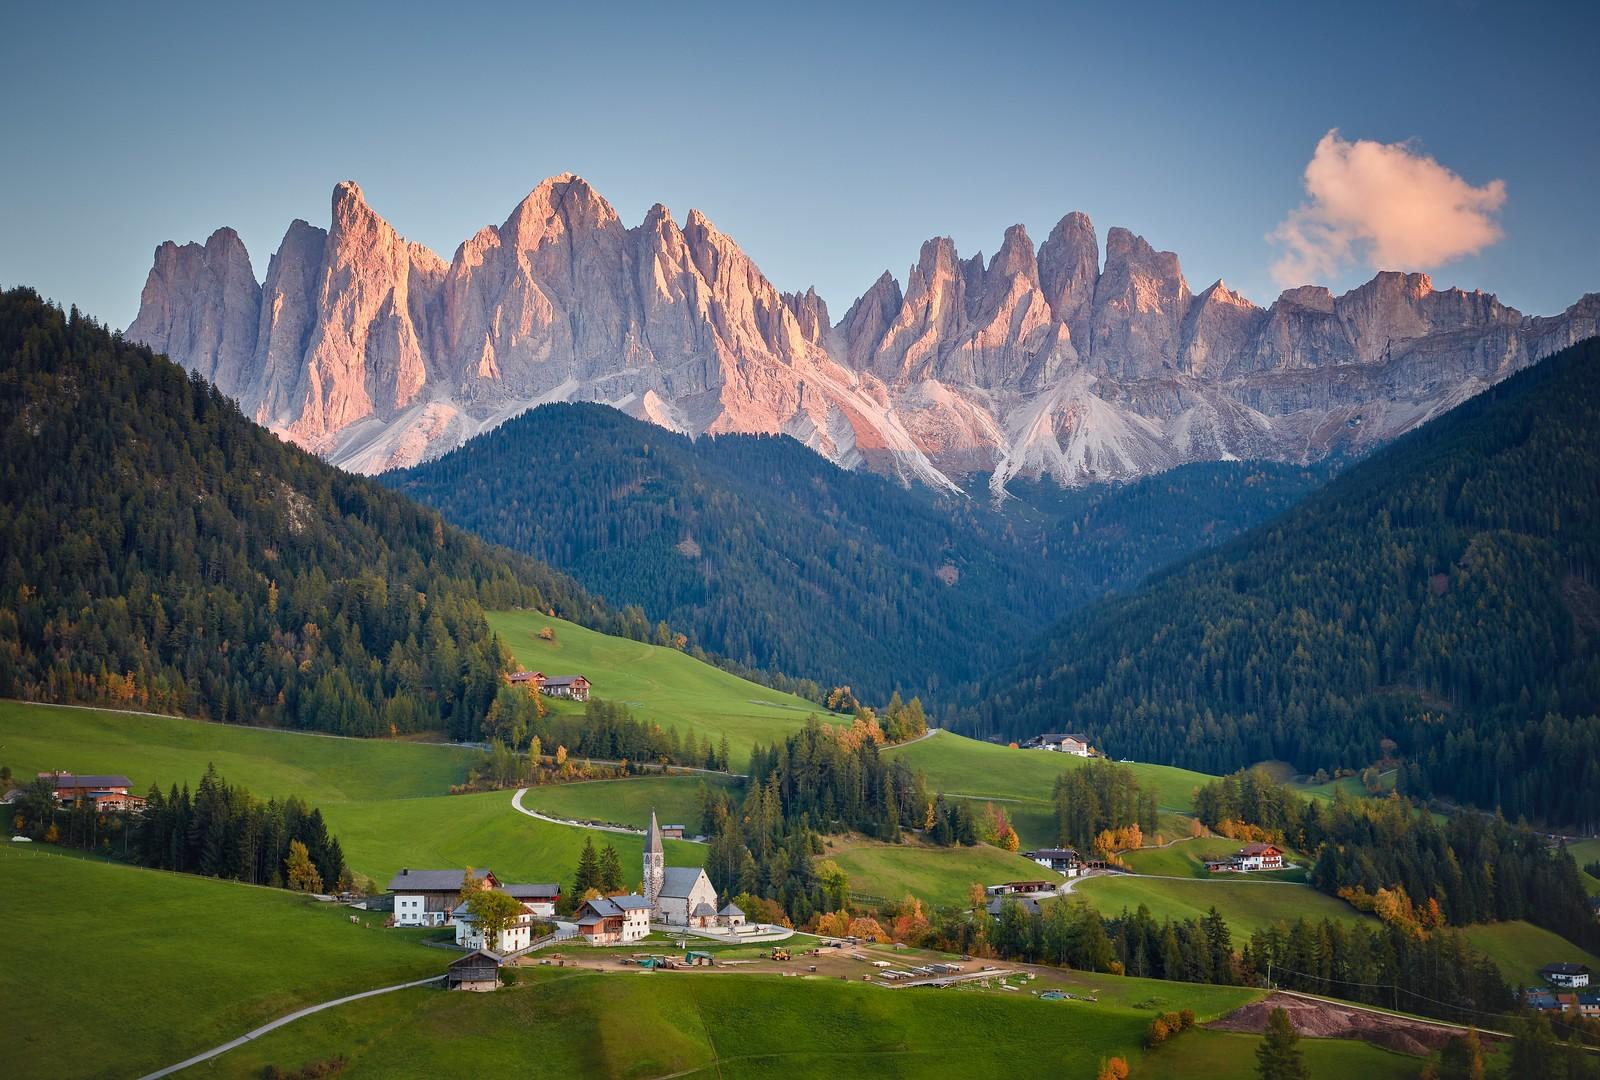 【義大利】健行在阿爾卑斯的絕美秘境:多洛米提山脈 (The Dolomites) 行程規劃全攻略 15